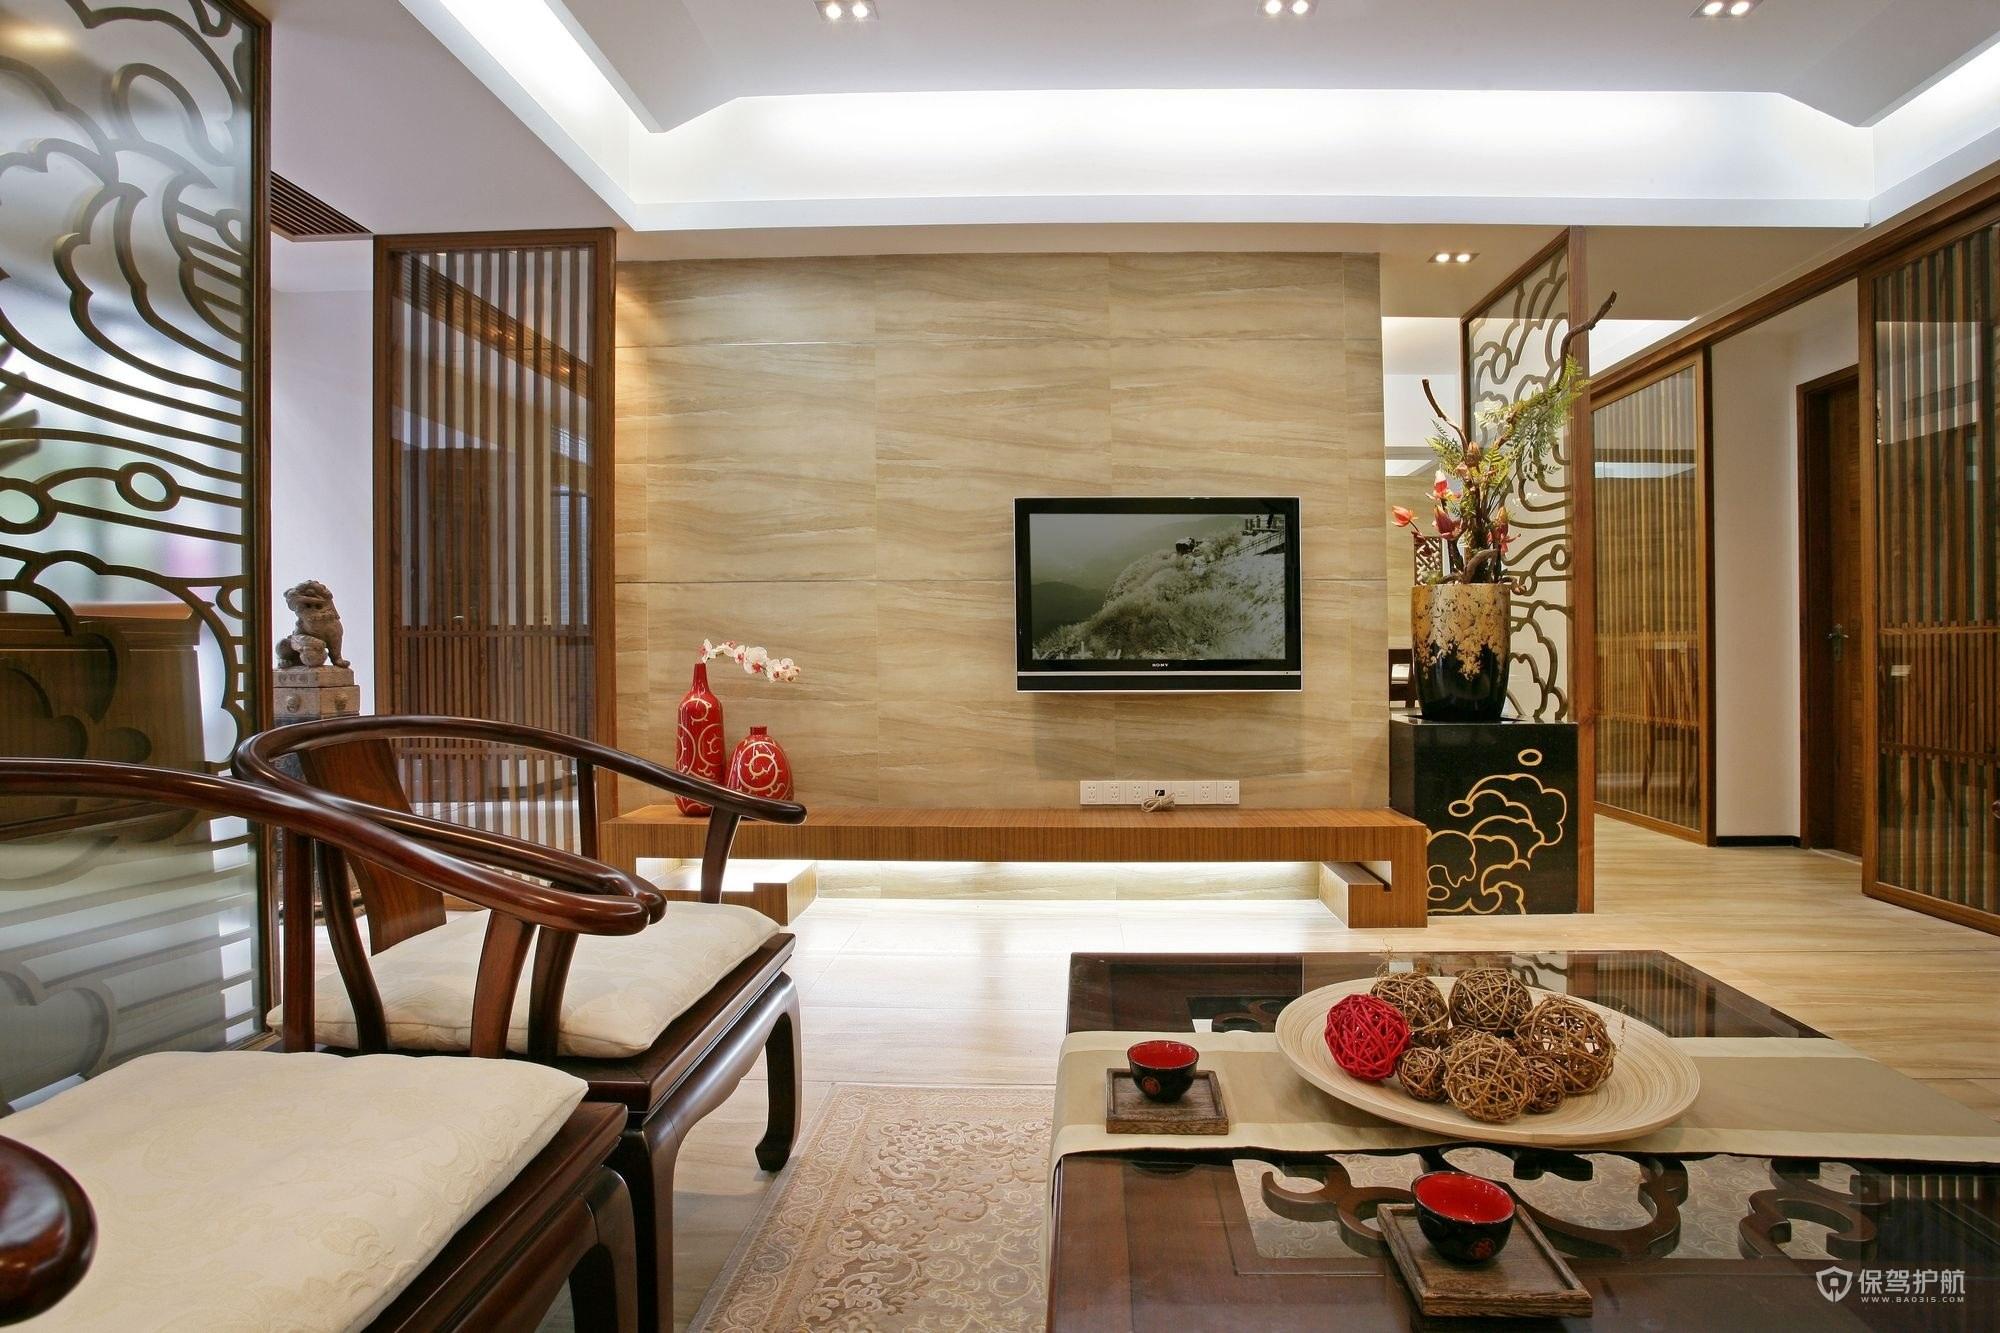 新中式风格别墅客厅电视墙装修效果图…